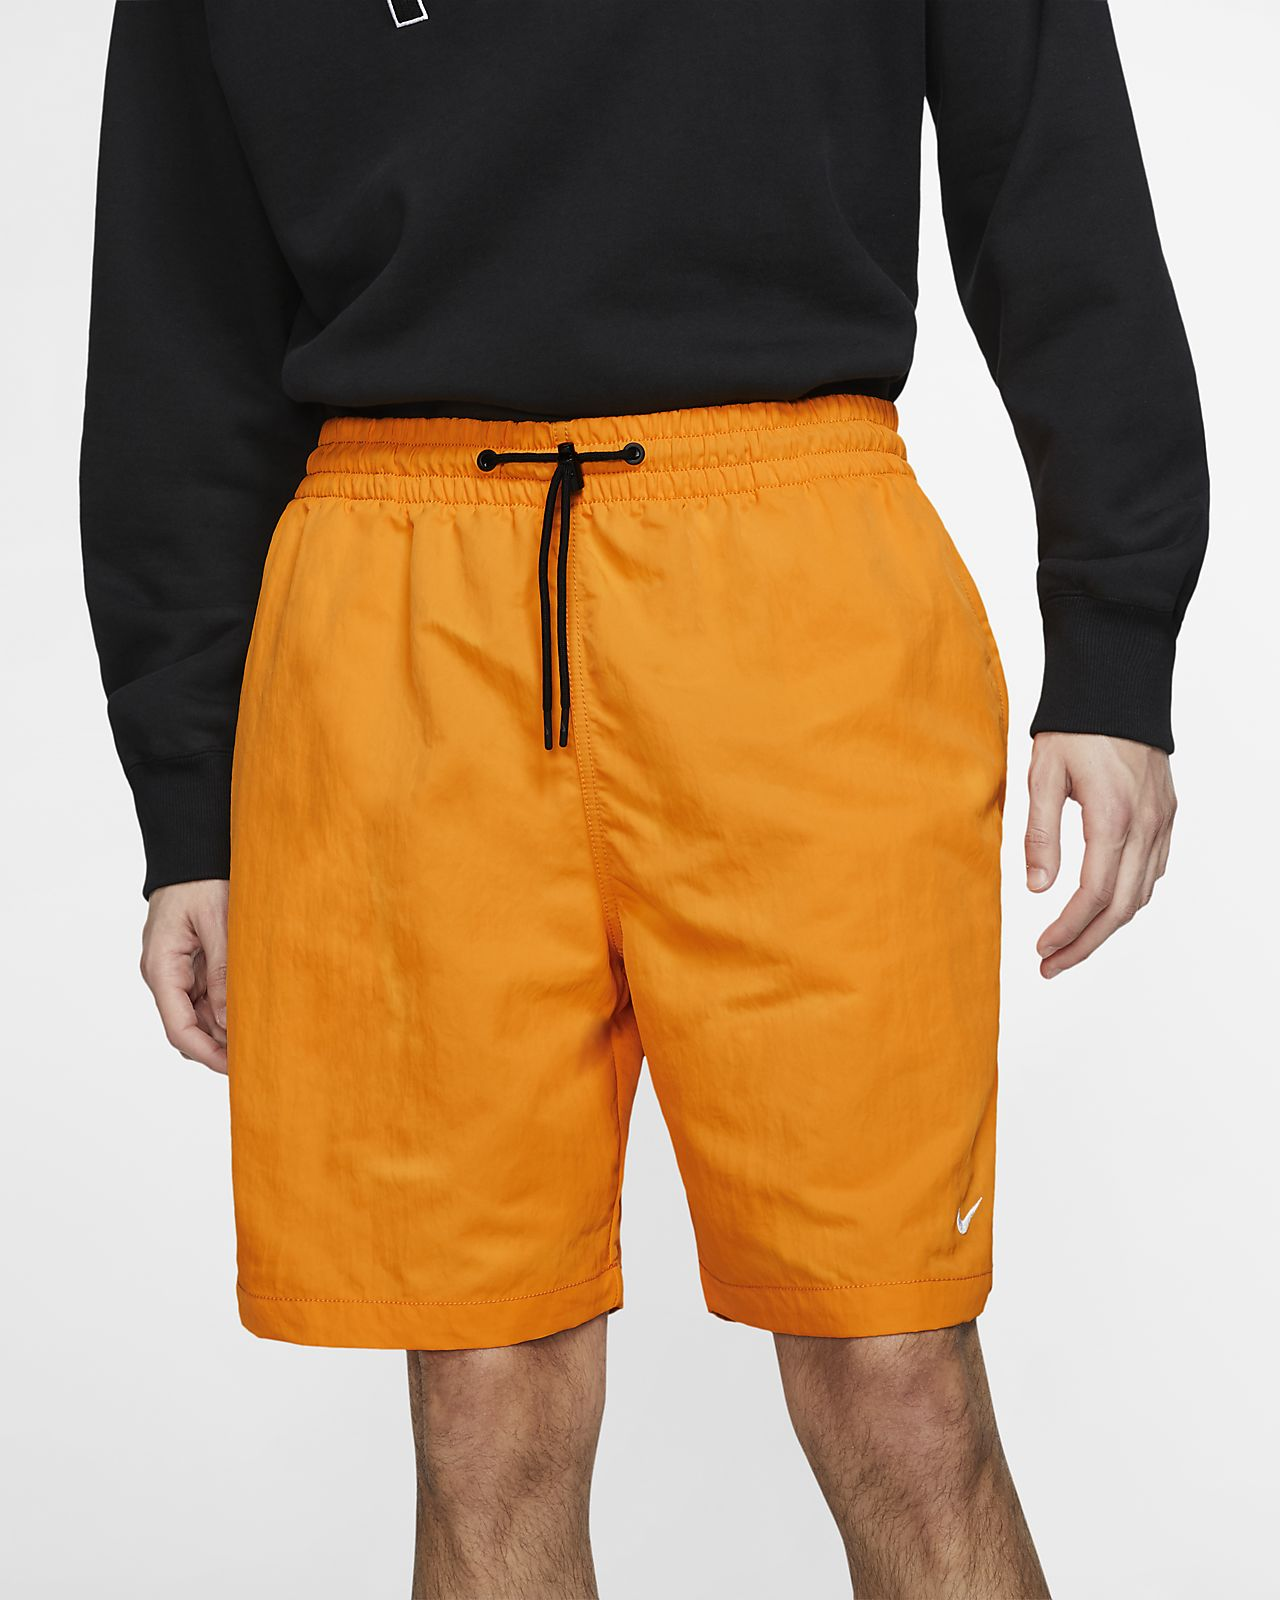 NikeLab Collection Pantalón corto - Hombre